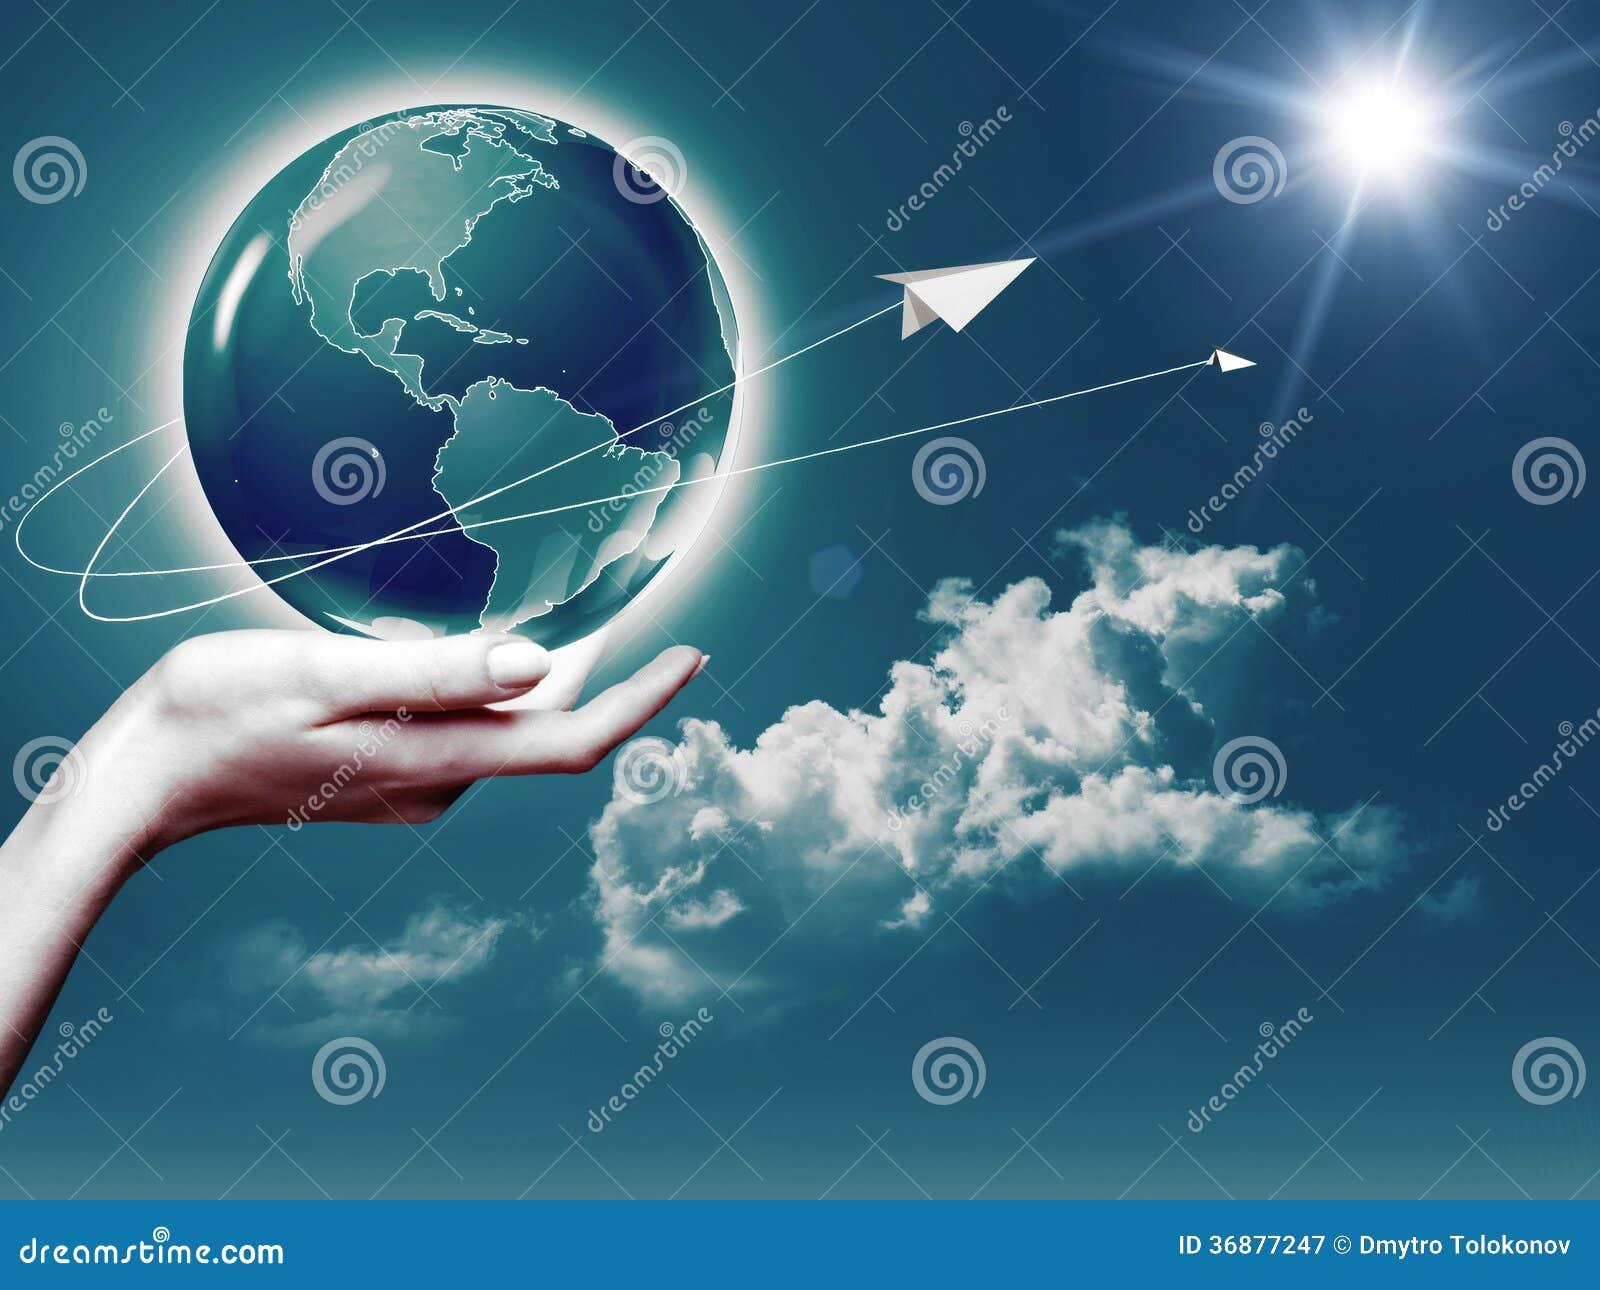 Download Intero mondo in sue mani immagine stock. Immagine di persona - 36877247